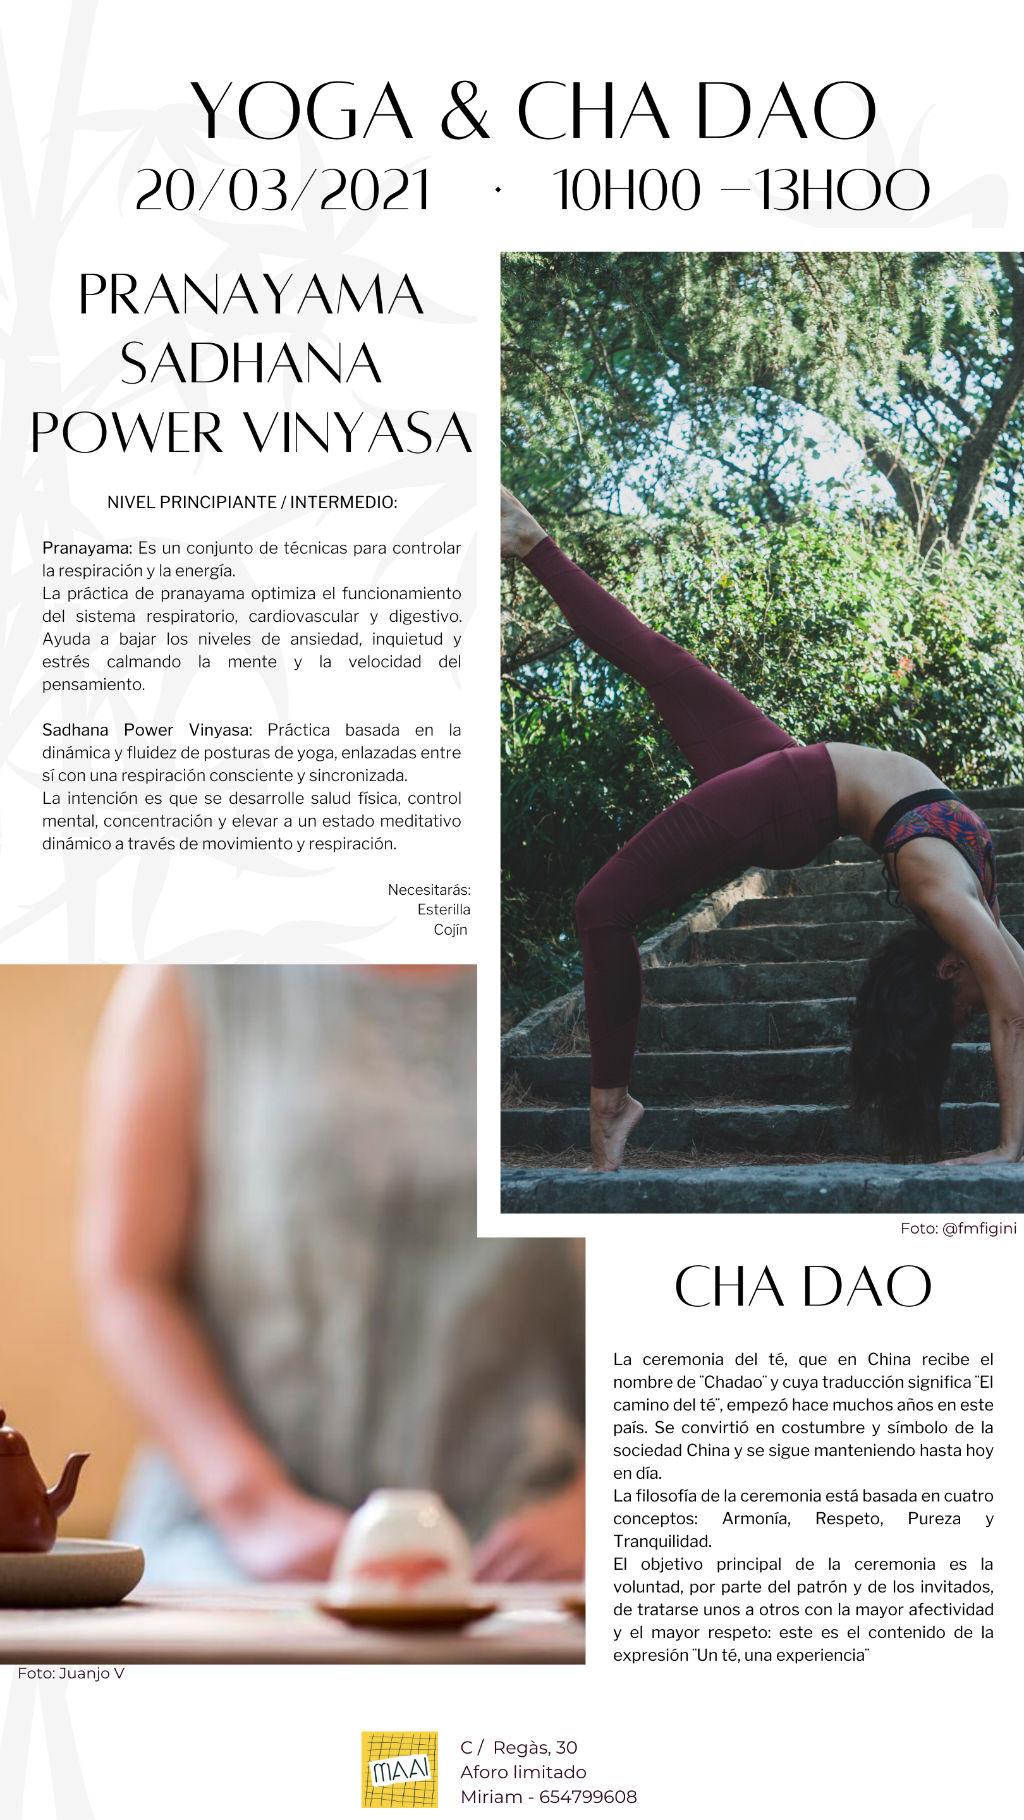 yoga chadao